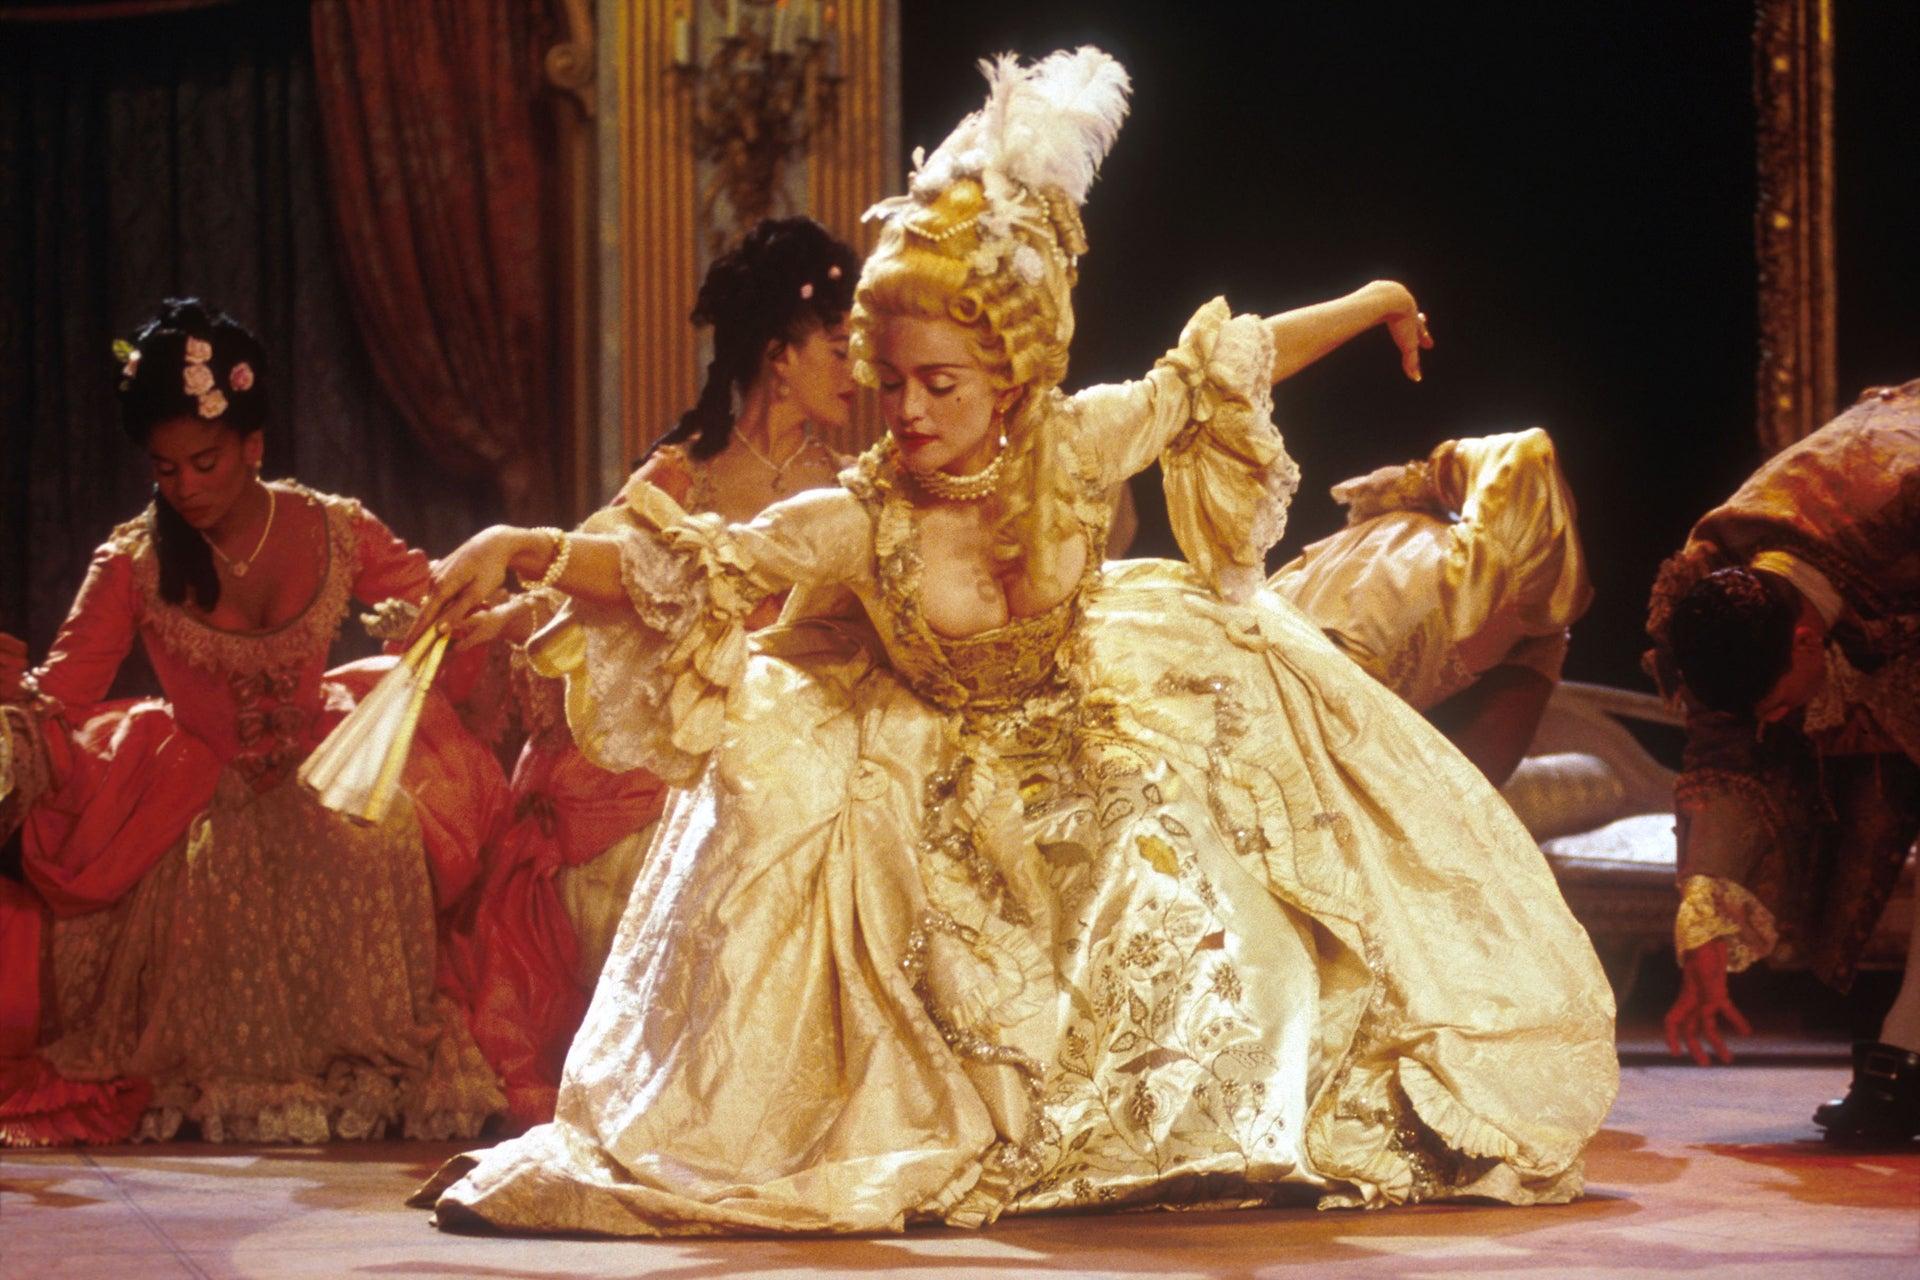 Madonna vystupuje s písní Vogue během MTV Video Music Awards, 1990 Autor: Frank Micelotta/ImageDirect/Getty Images